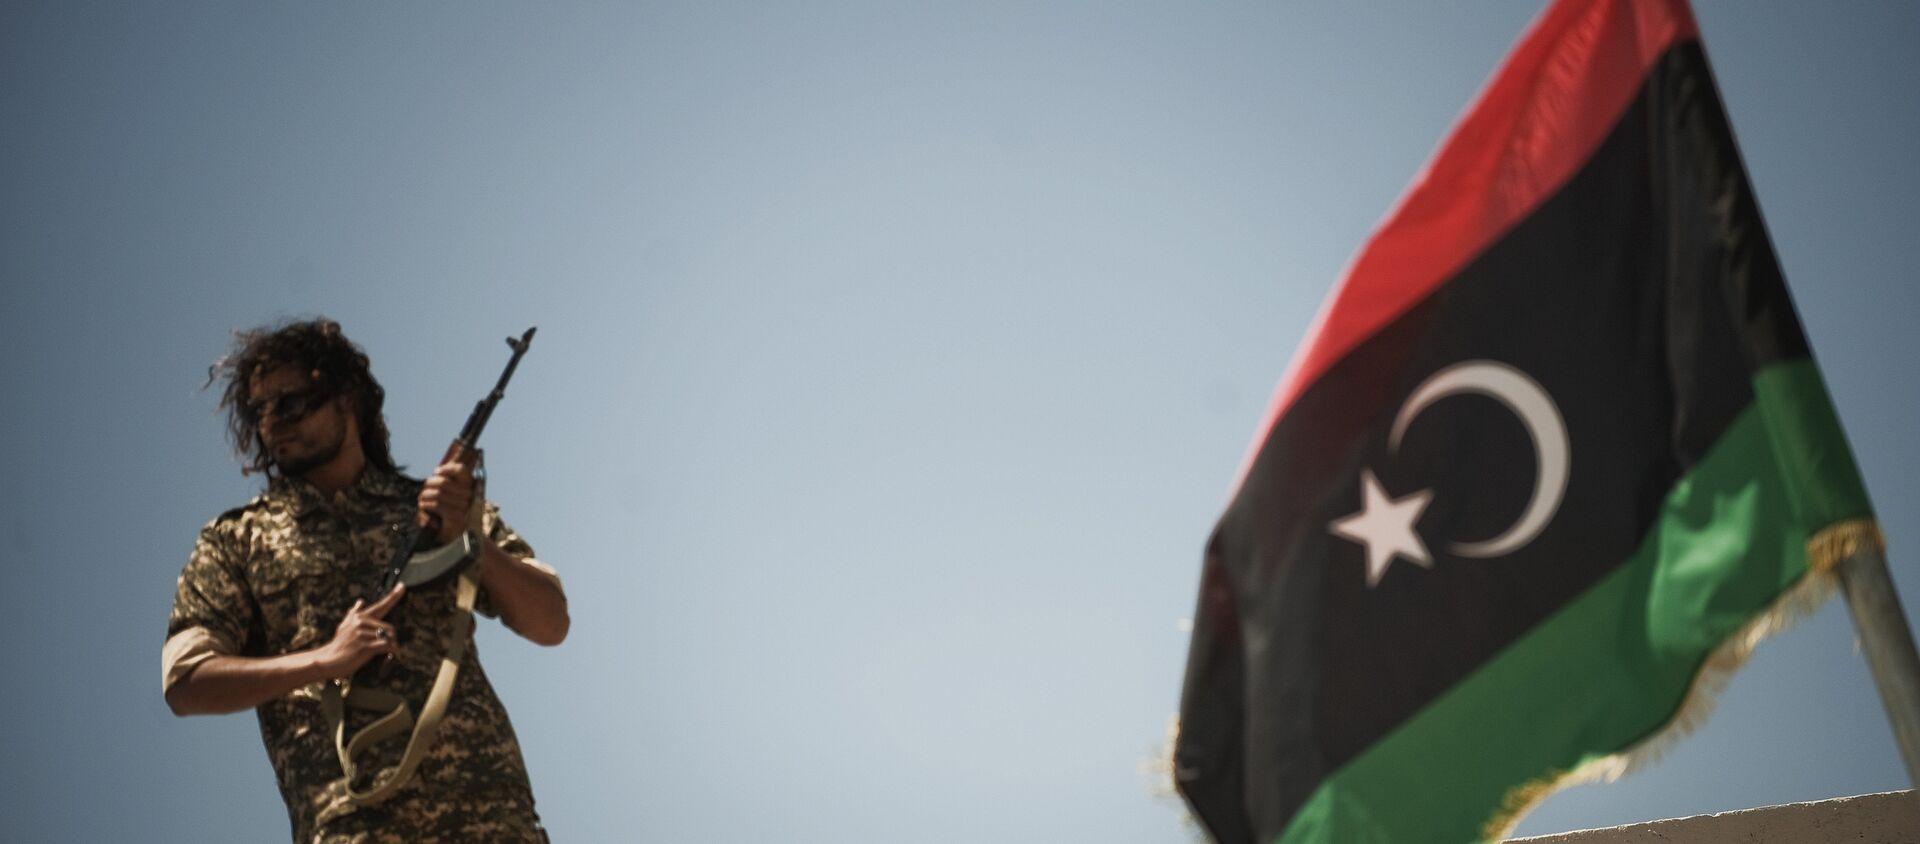 Un membre des forces de sécurité libyennes se tient sur un toit alors que le ministre libyen de la justice par intérim, Ali Hamiada, visite la nouvelle prison d'Al-Hadba et le tribunal spécial le 26 mai 2012 à Tripoli. La prison, qui peut accueillir 100 prisonniers politiques de haut rang, accueillera les procès des personnalités pro-mamer Kadhafi - Sputnik France, 1920, 23.12.2020